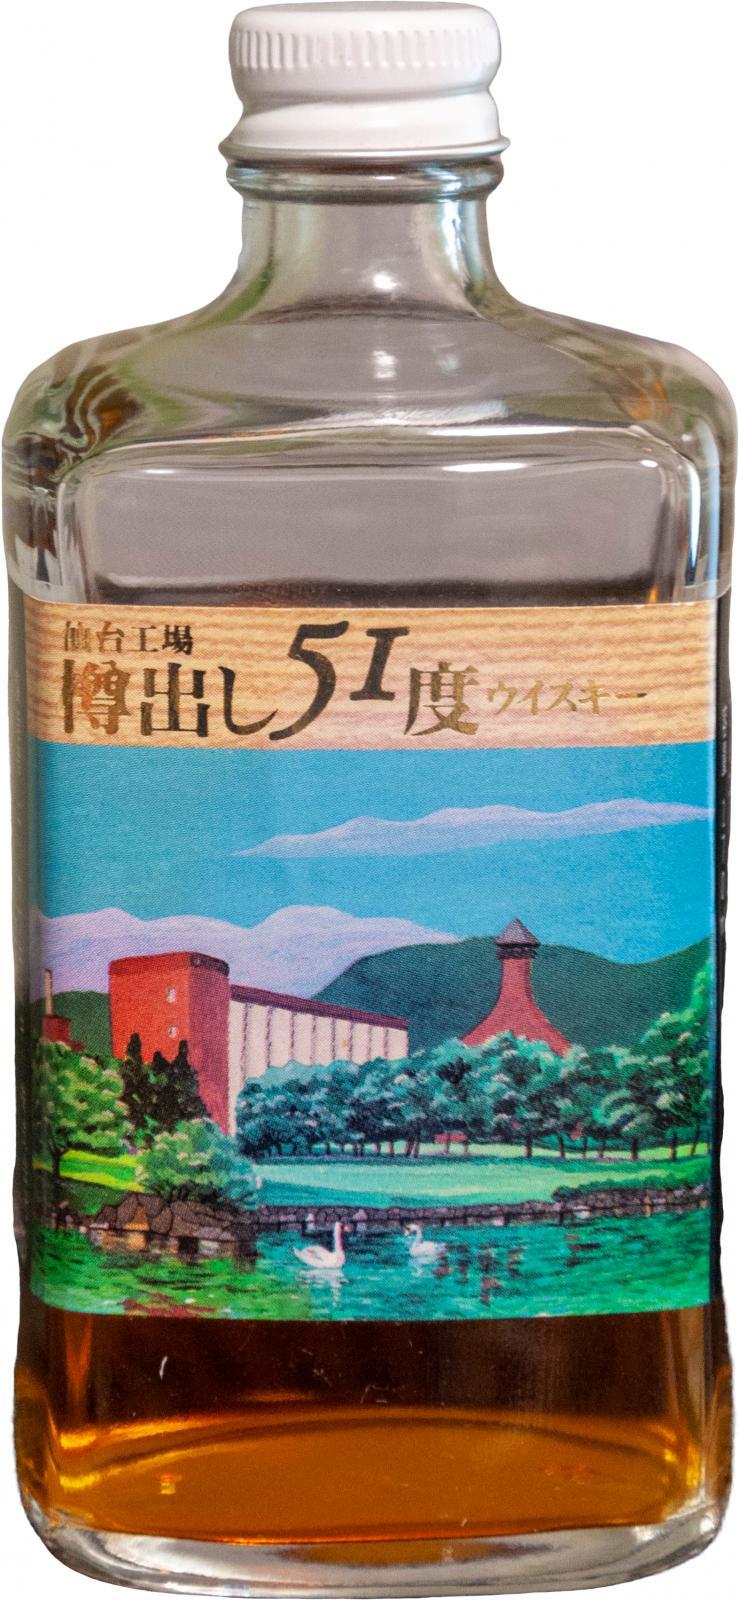 Miyagikyo Valley 51 Degrees